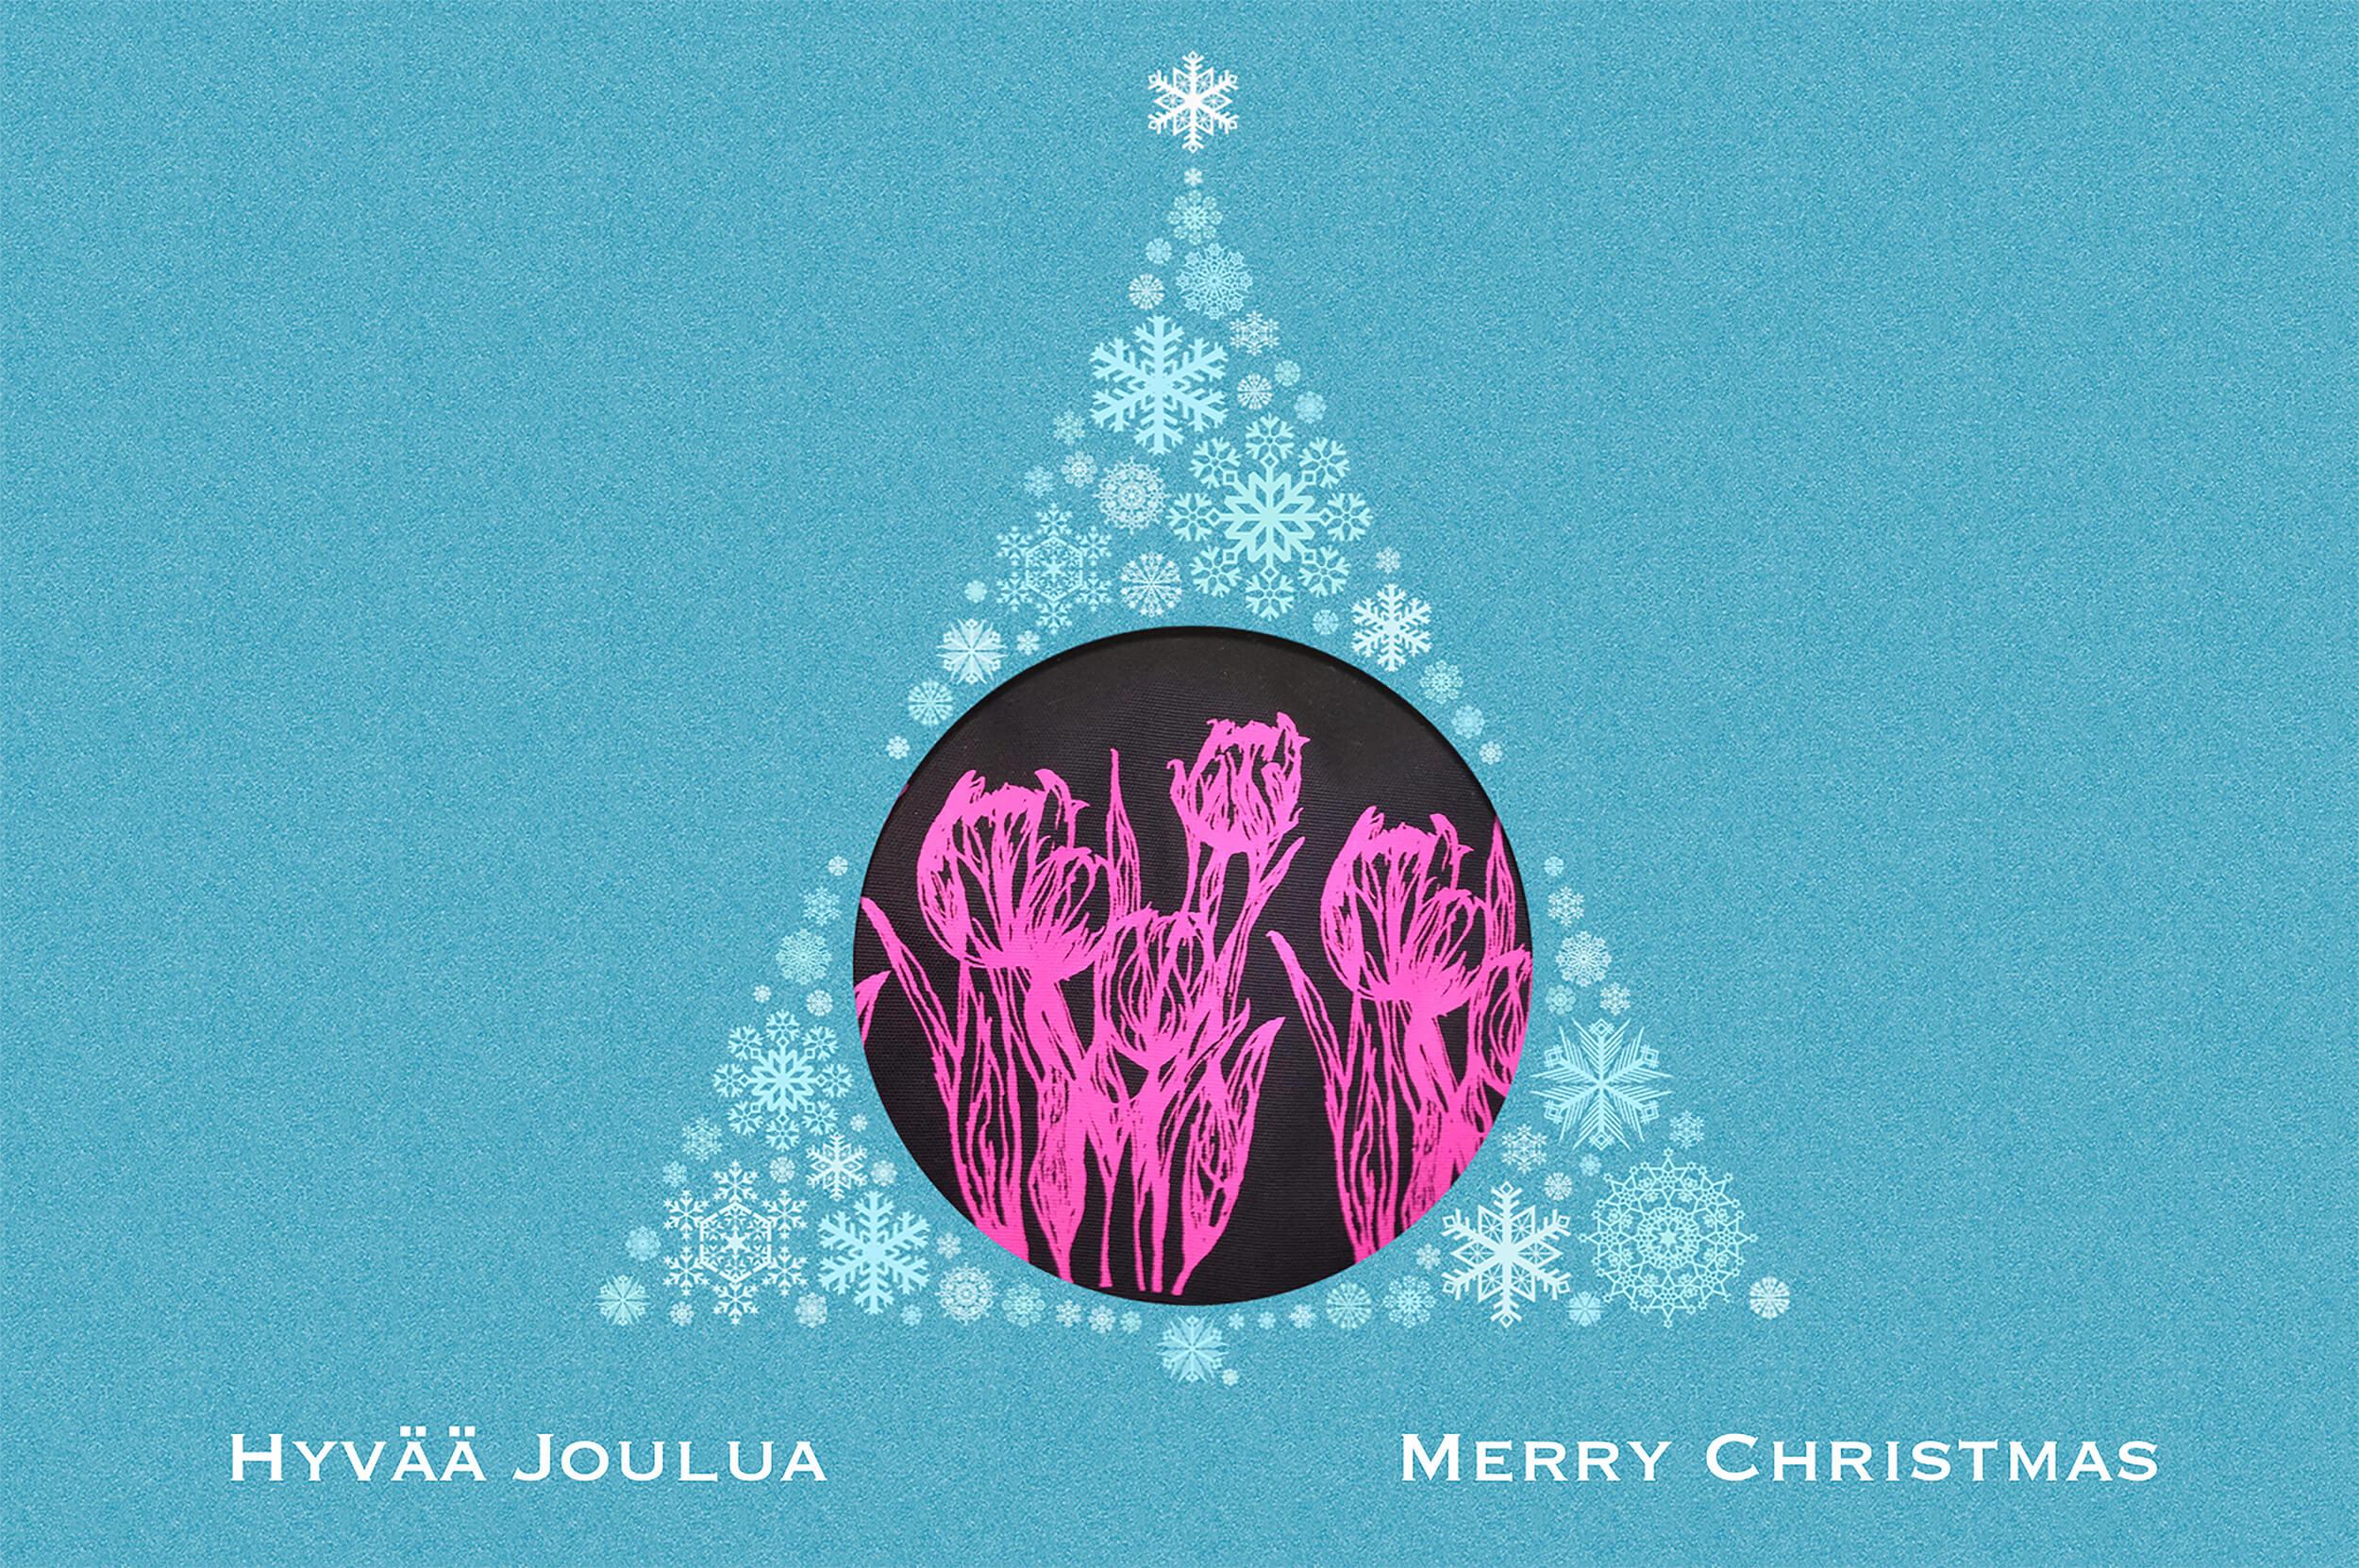 Hyvää Joulua ja Onnellista Vuotta 2014